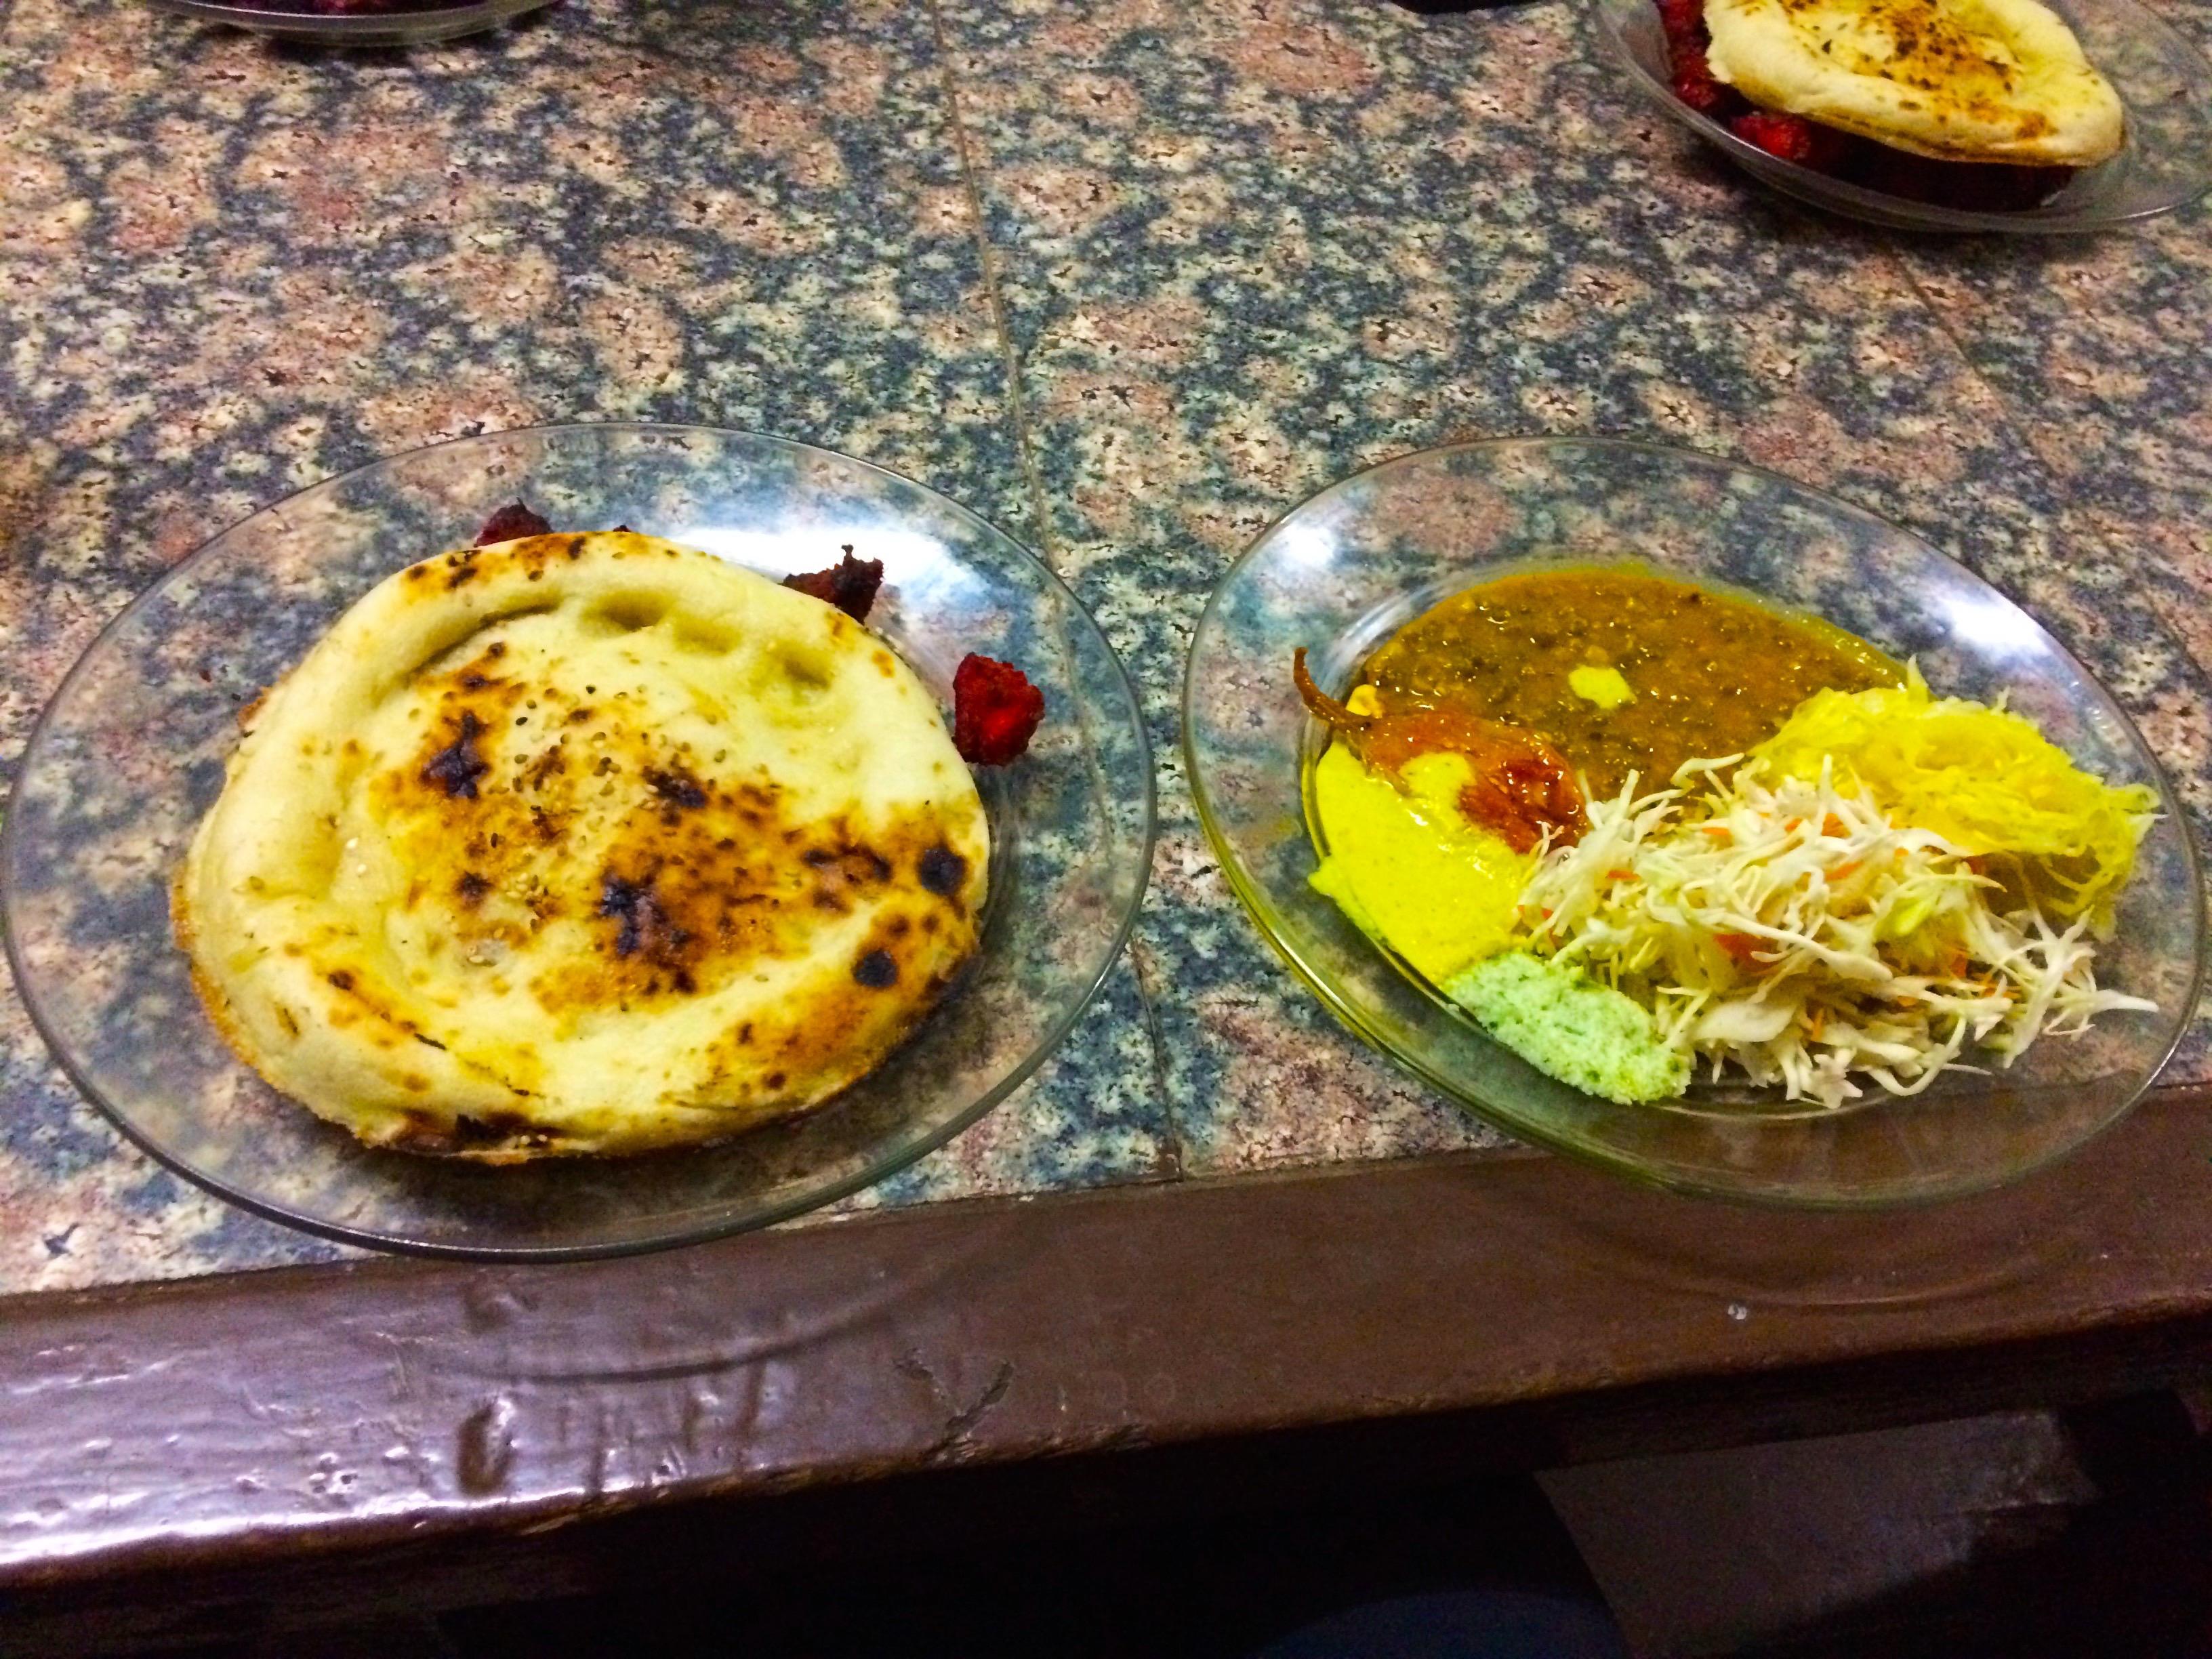 Khan's barbecue – Arusha